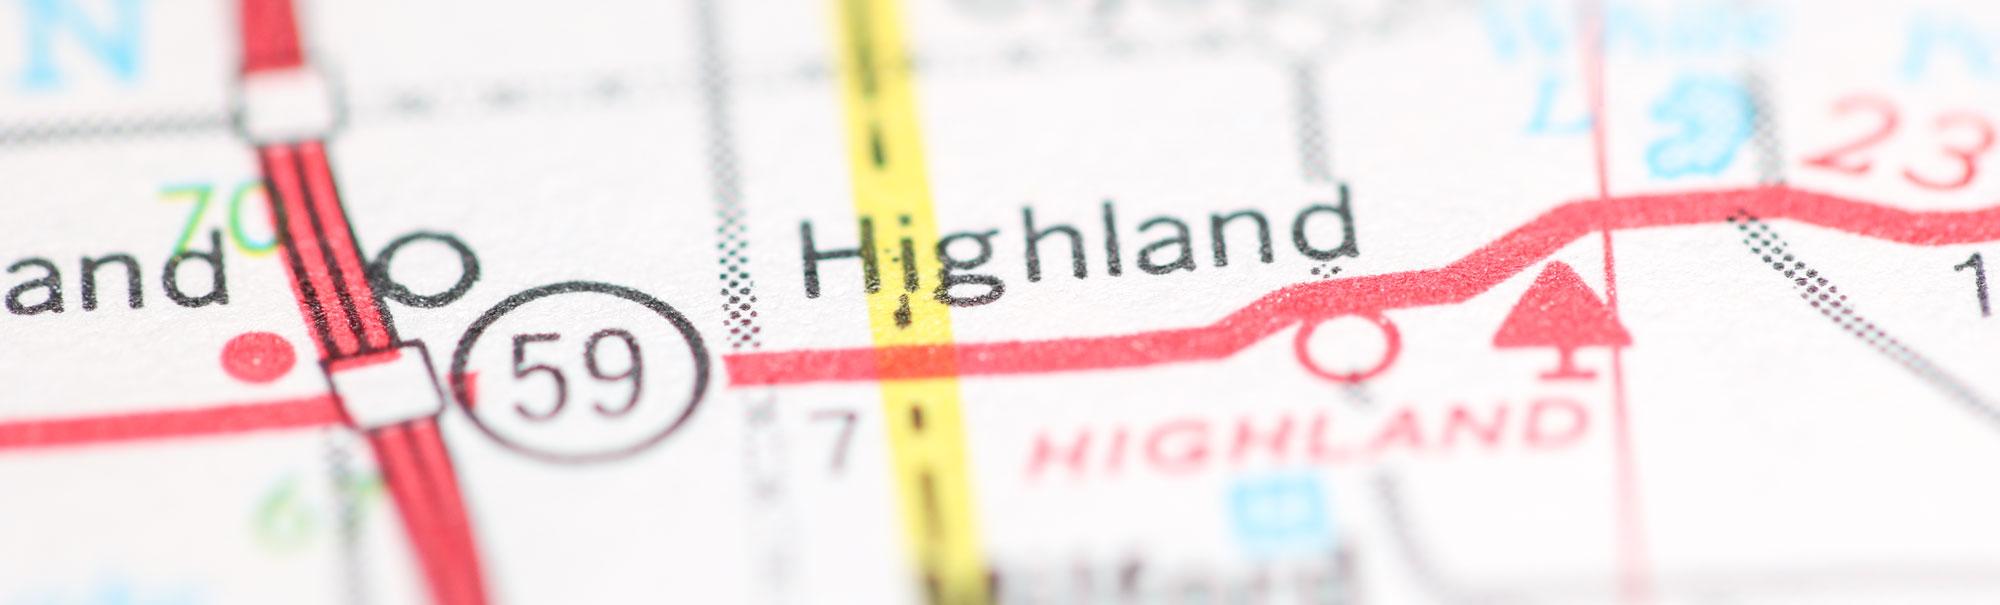 Chimney Services in Highland, MI